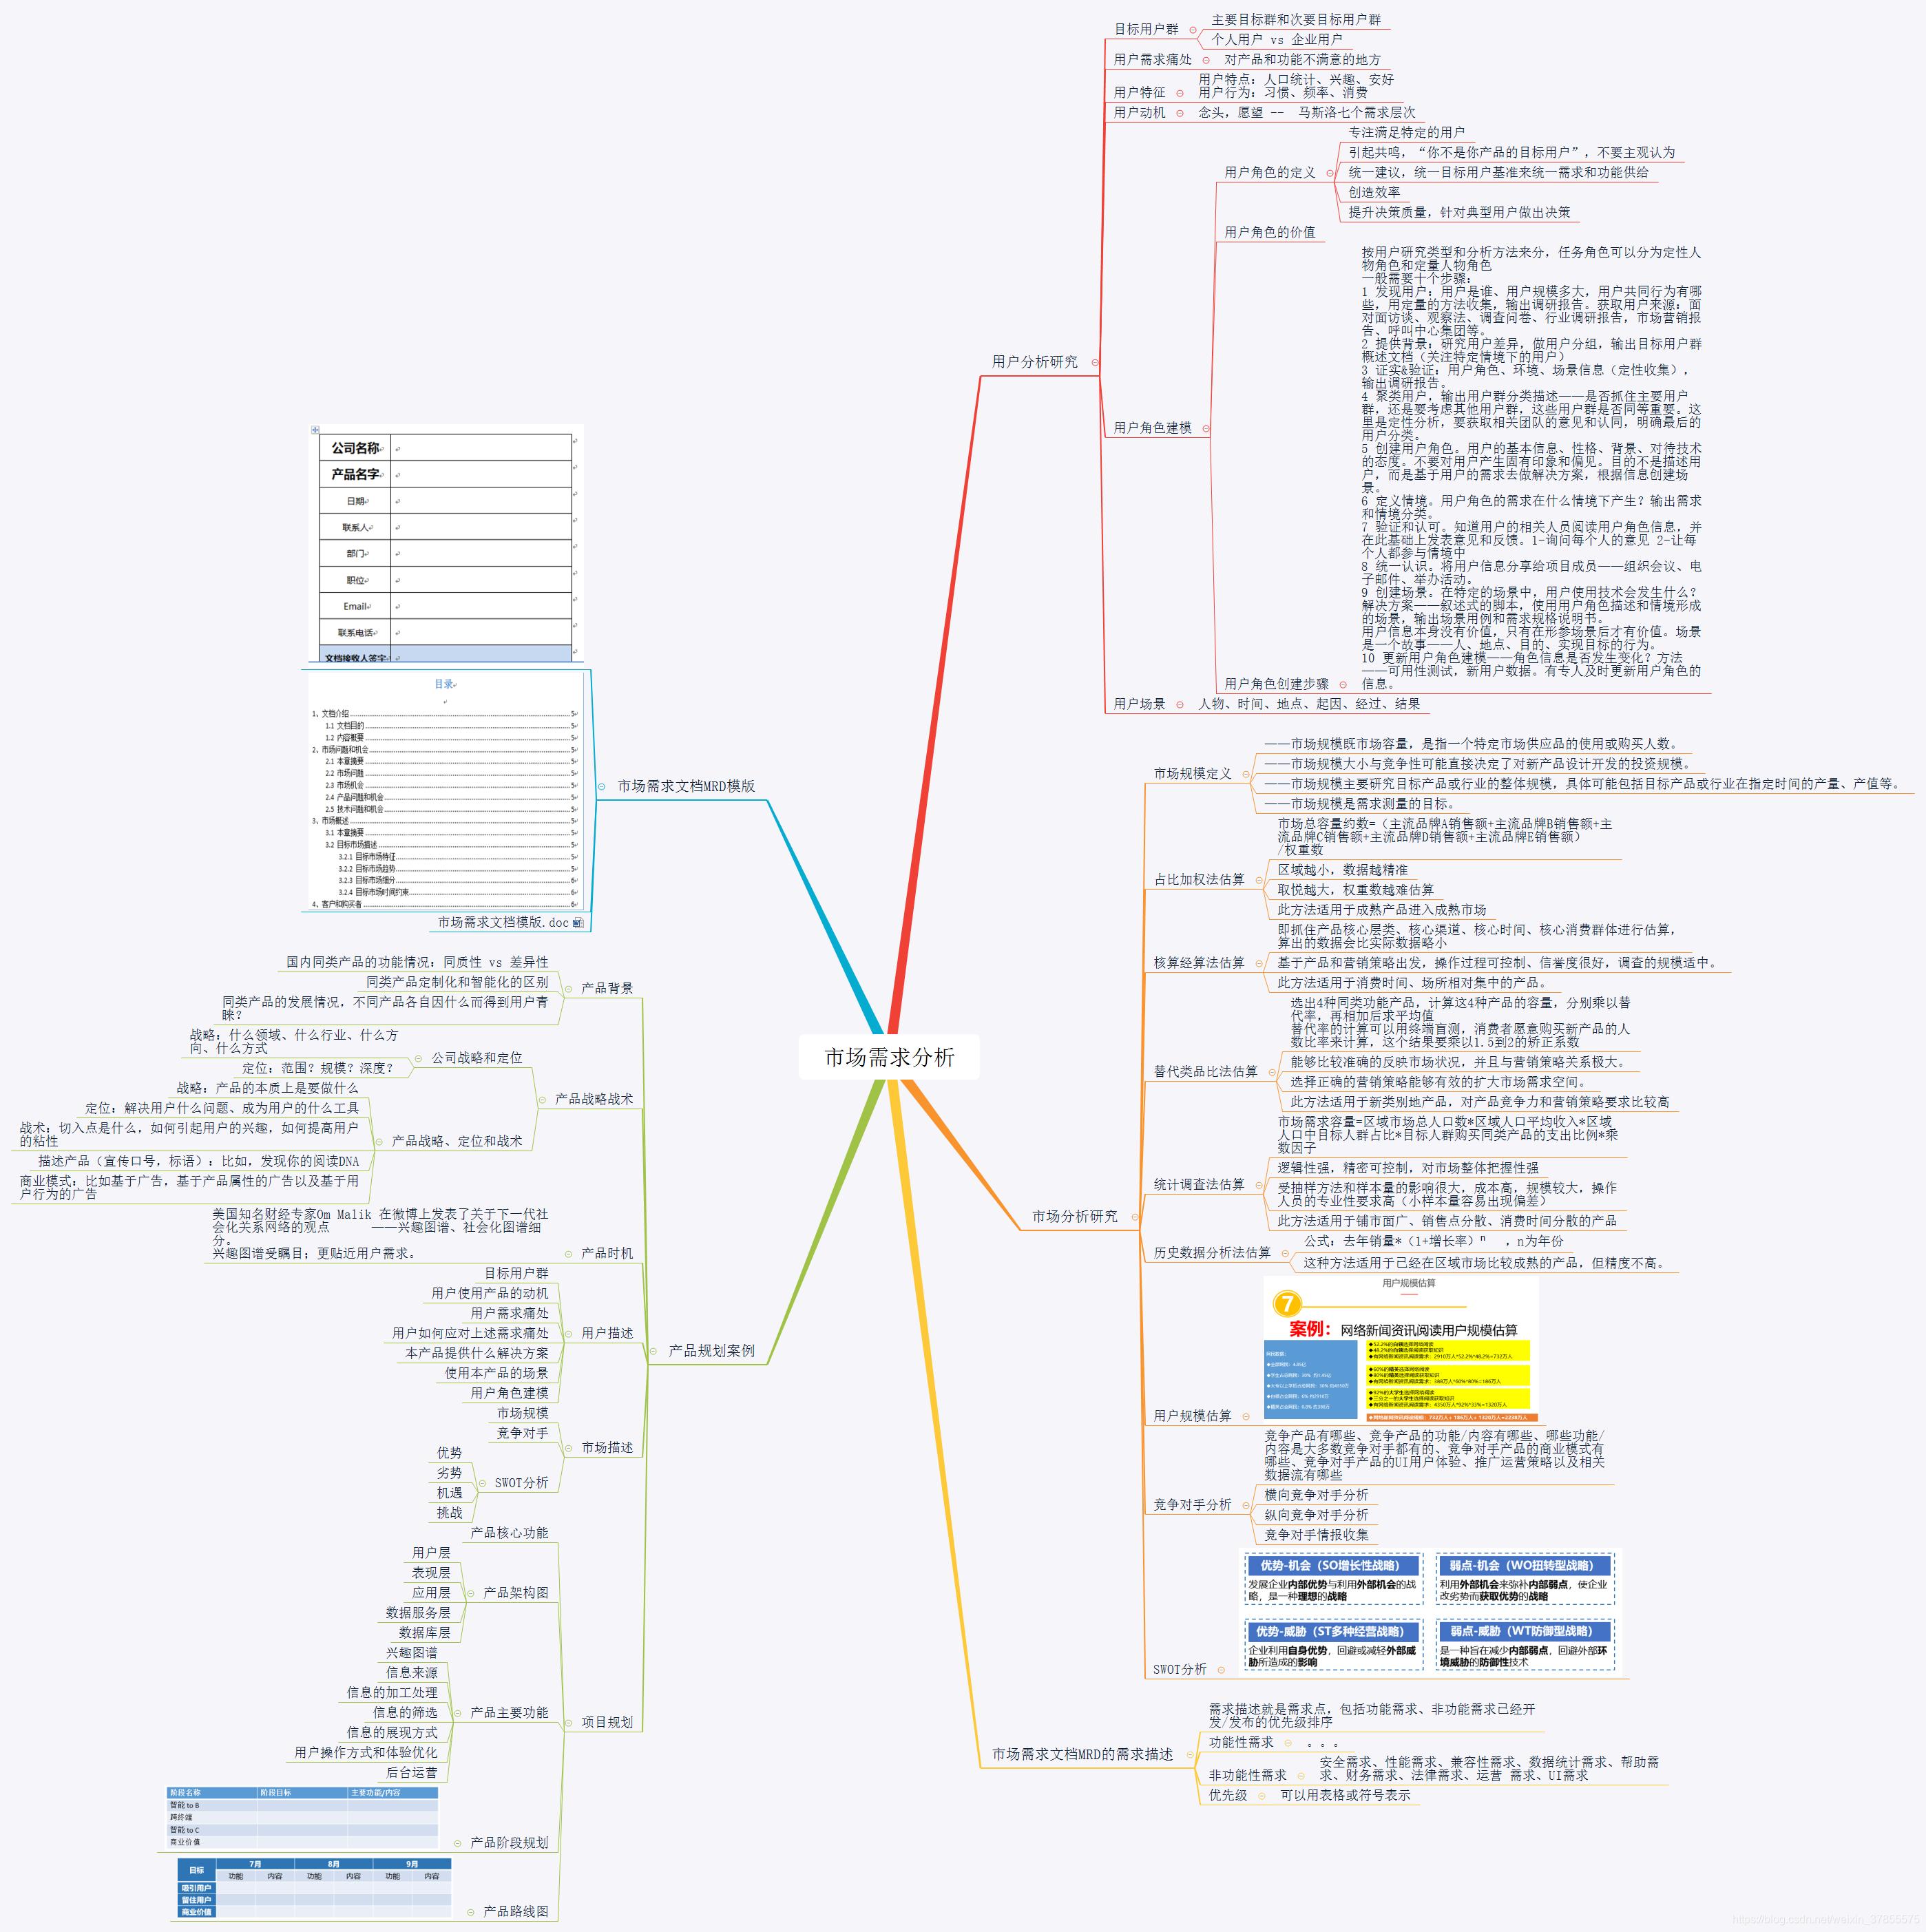 营销管理思维导图,如何做好营销看完这张图就知道了_手机搜狐网